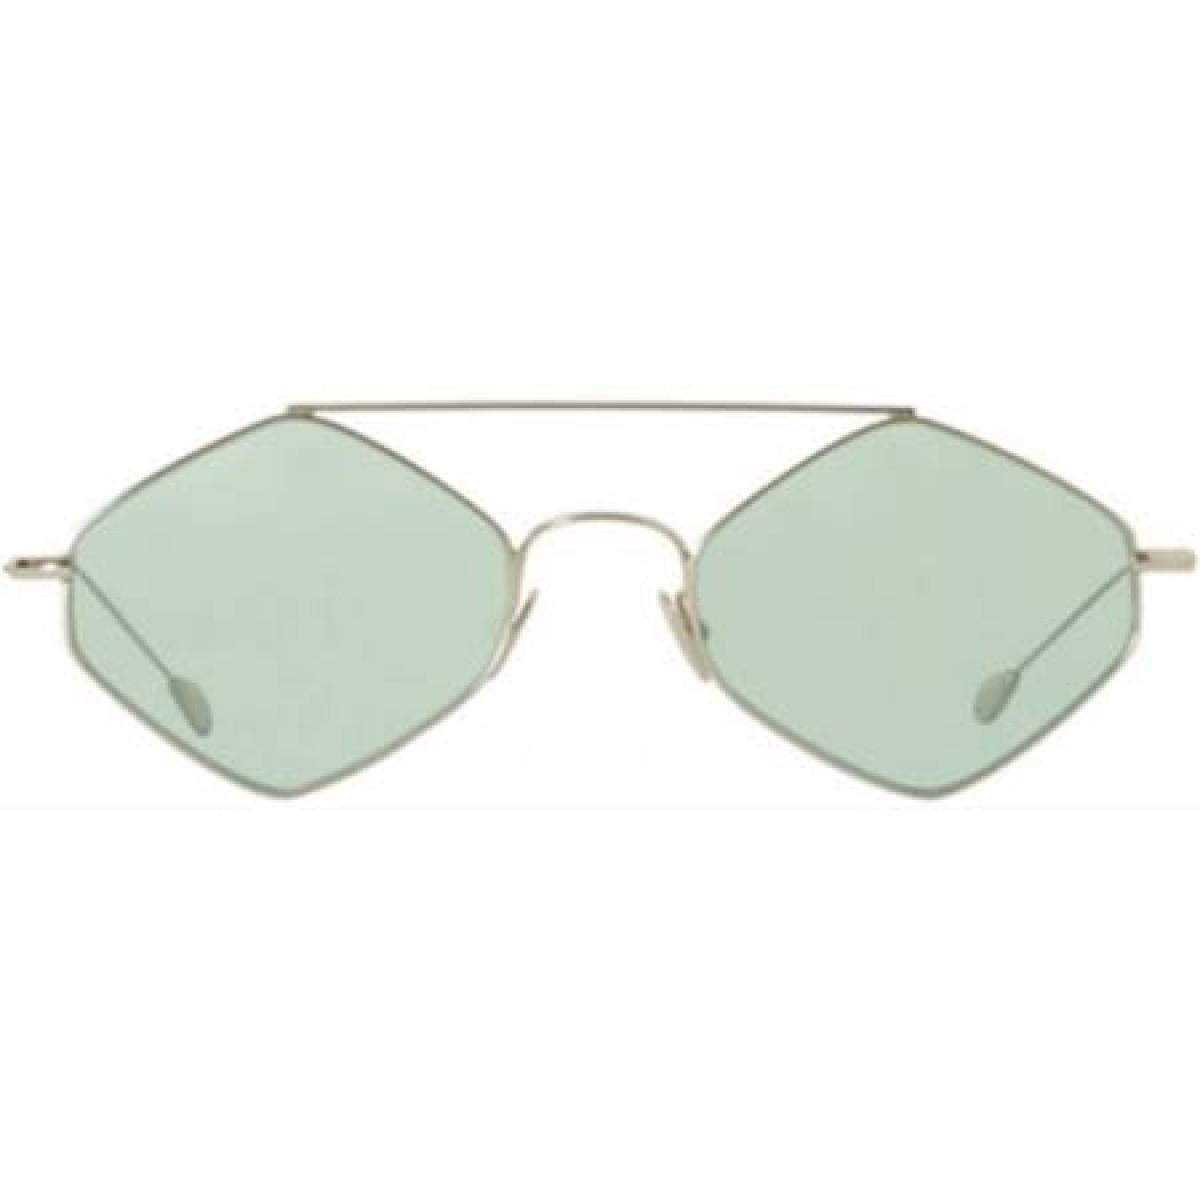 Rigaut Argento / Verde, 120,00€, Occhiali Spektre Argento a forma